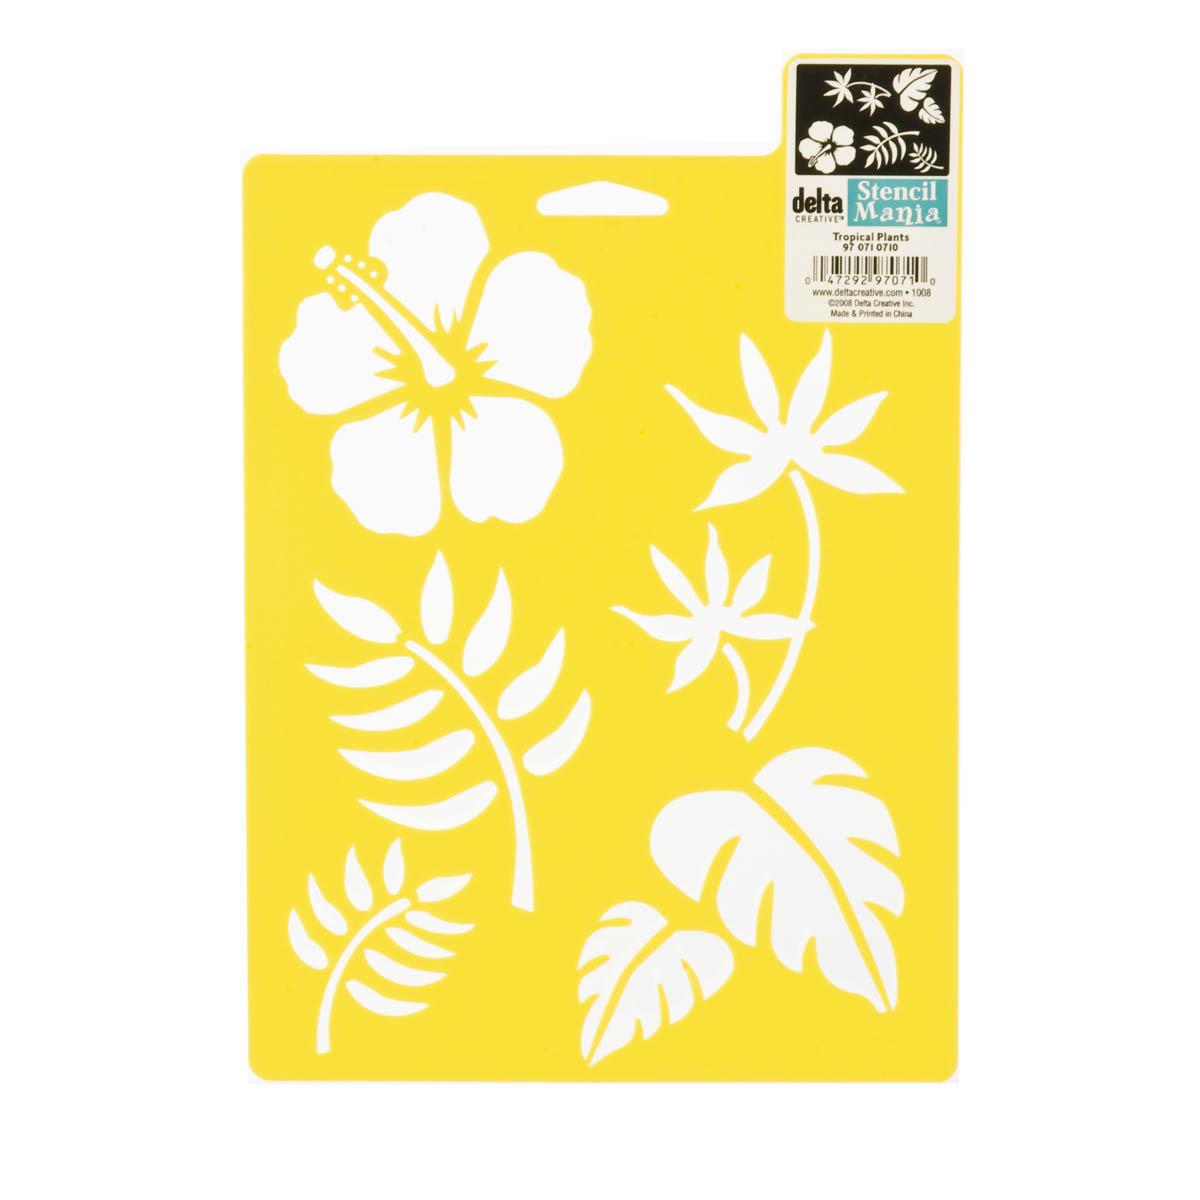 Delta Stencil Mania™ - Tropical Plants - 970710710